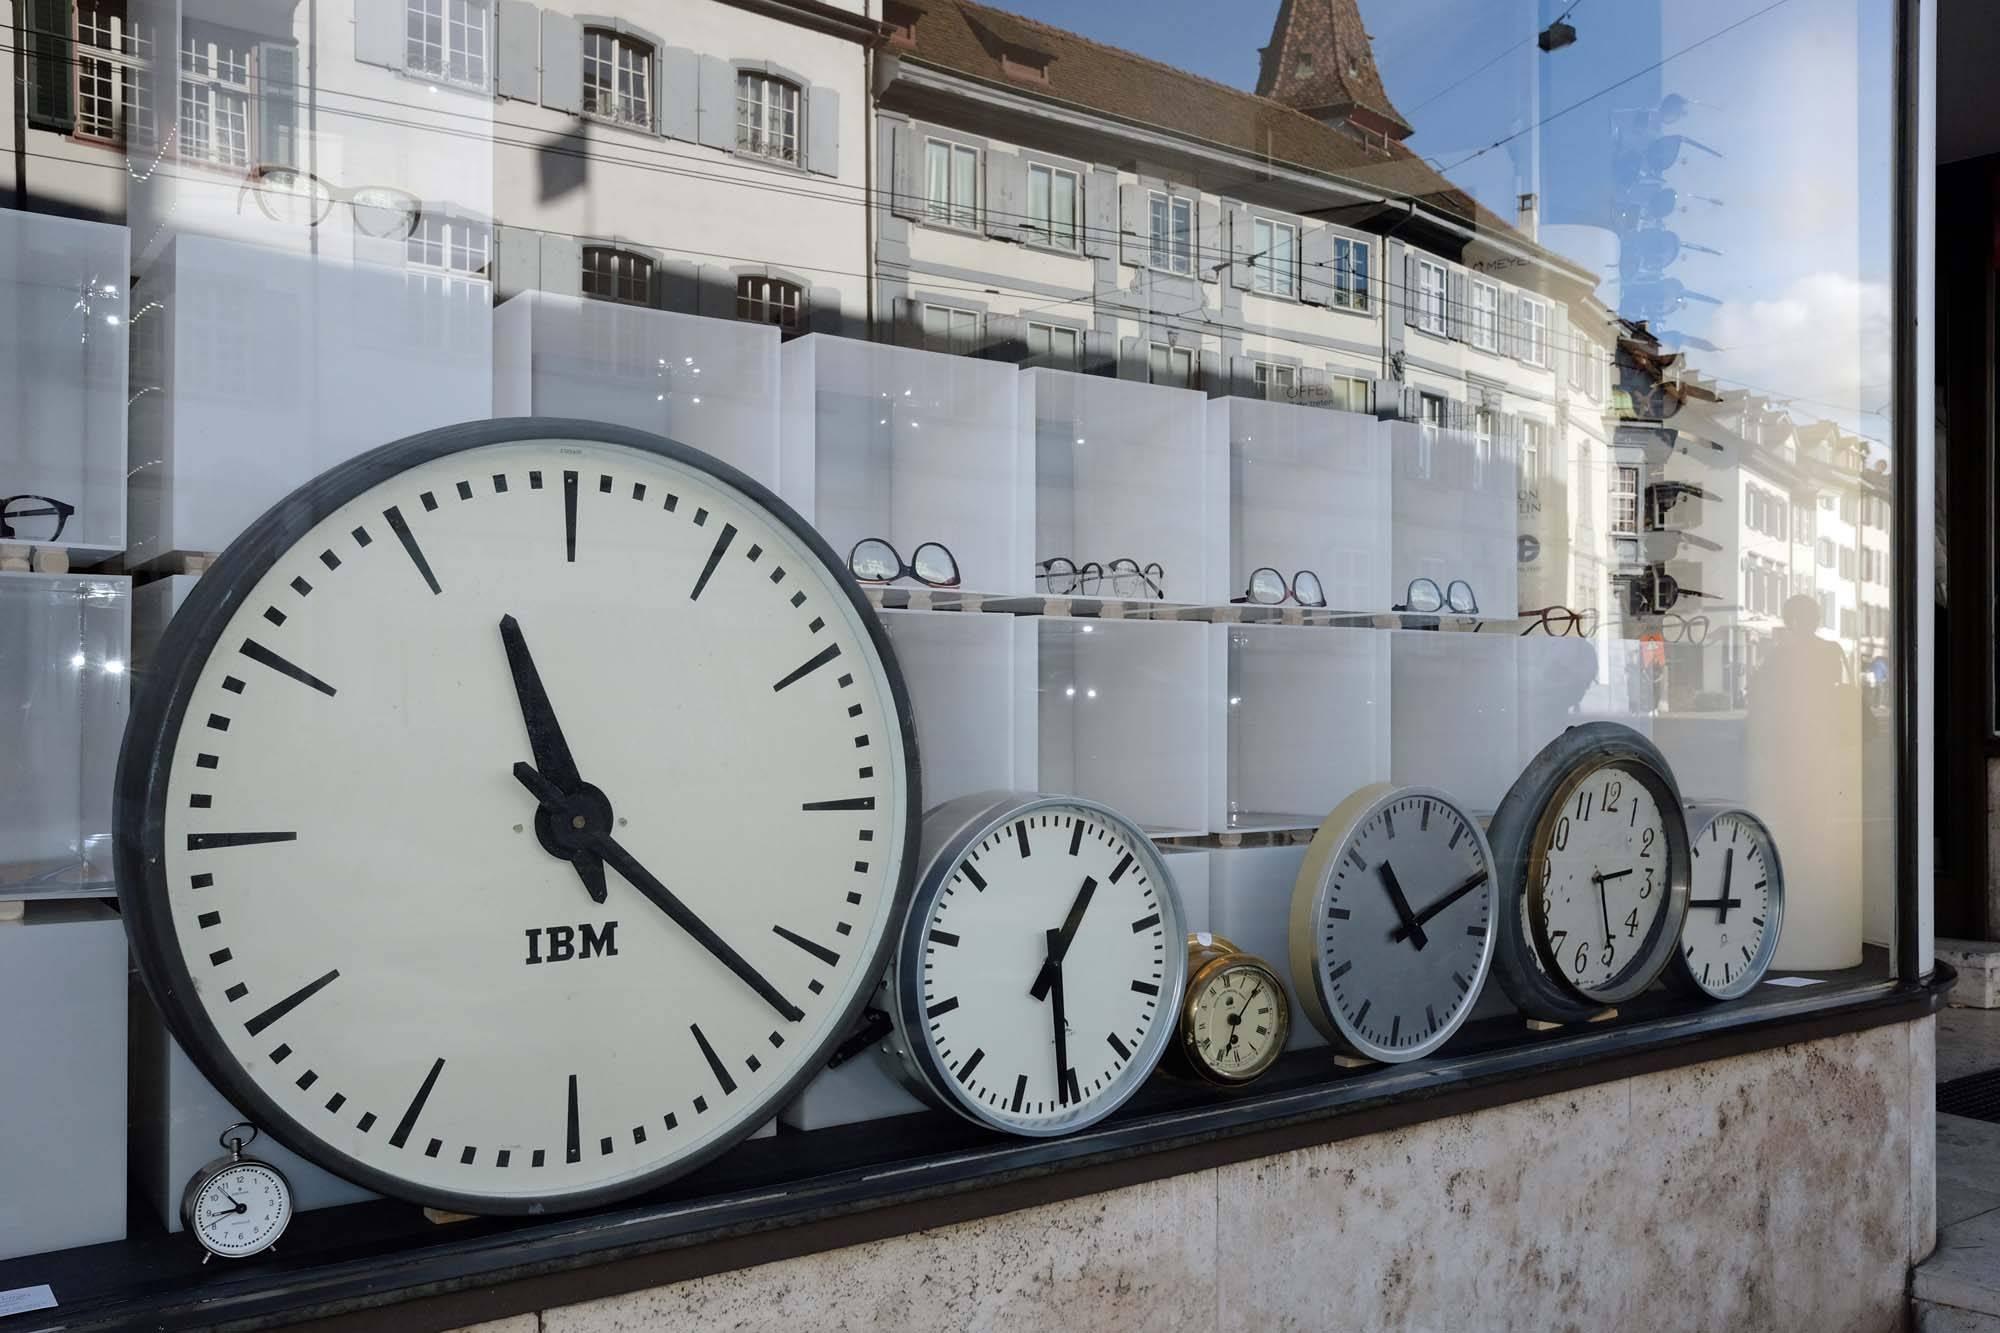 Schaufenster Nr. 61: Die Uhren stehen still - die Zeit nicht!